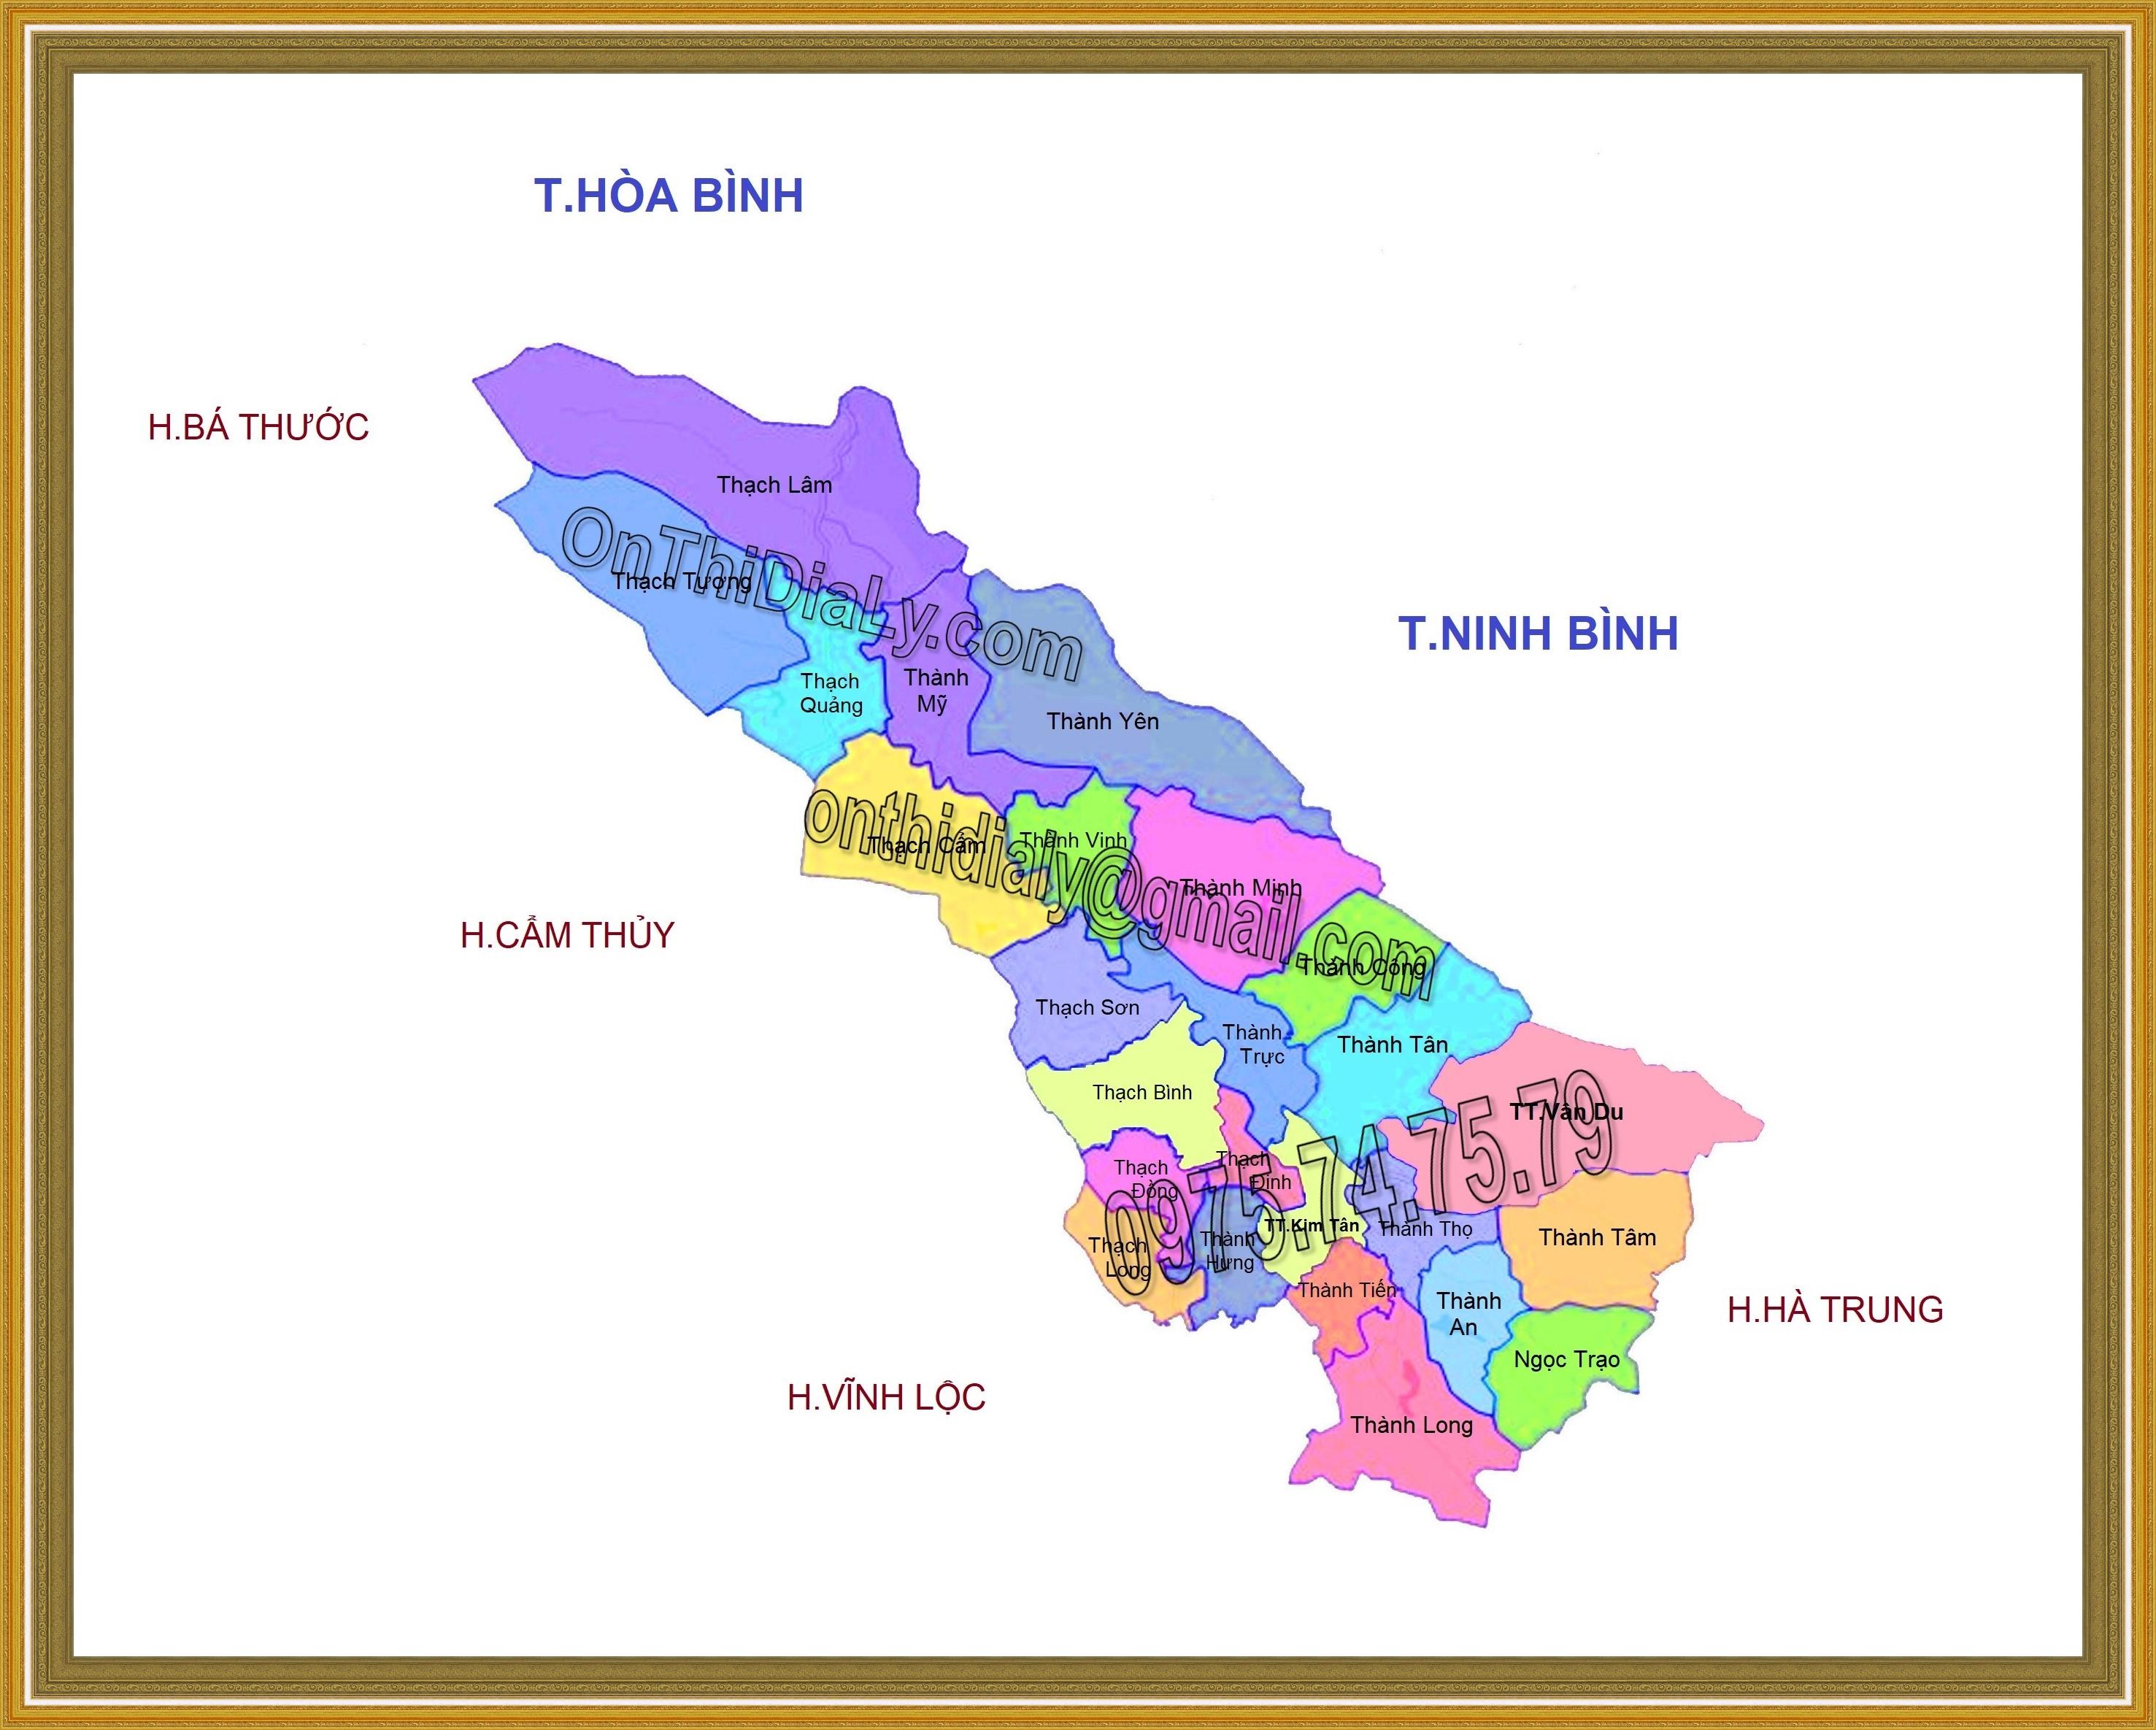 Bản đồ huyện Thạch Thành, tỉnh Thanh Hóa